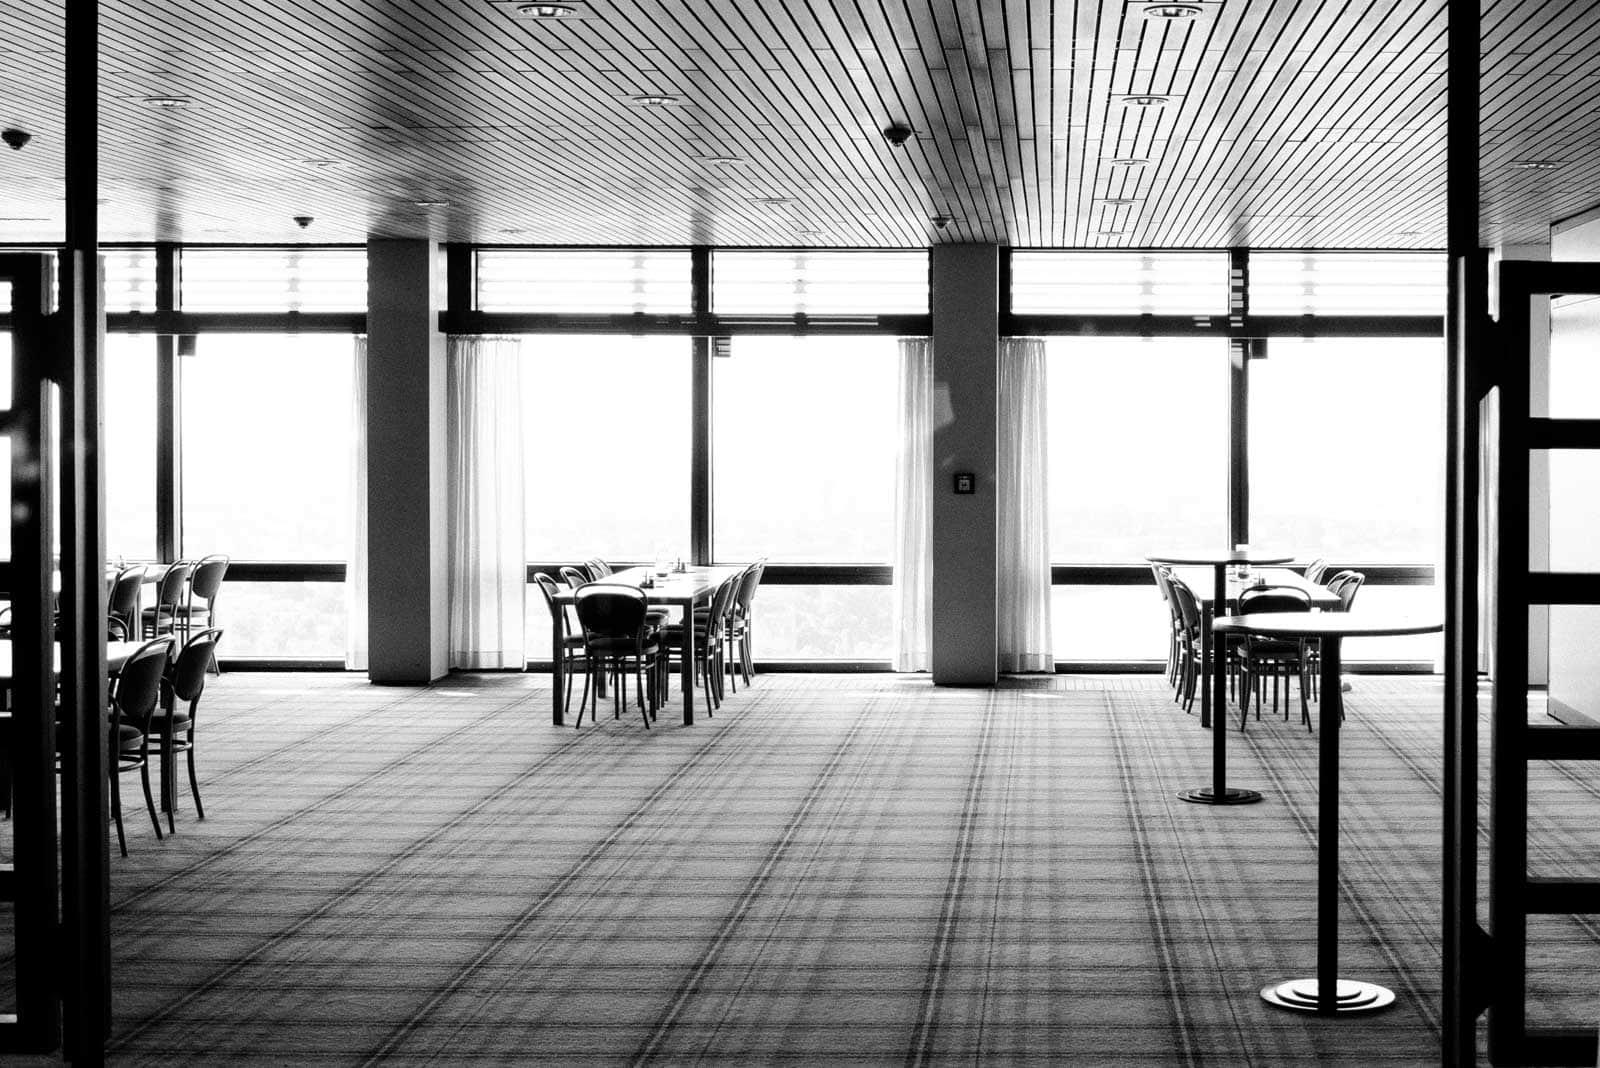 Kantine Langer Eugen Fotograf David Kliewer Trier